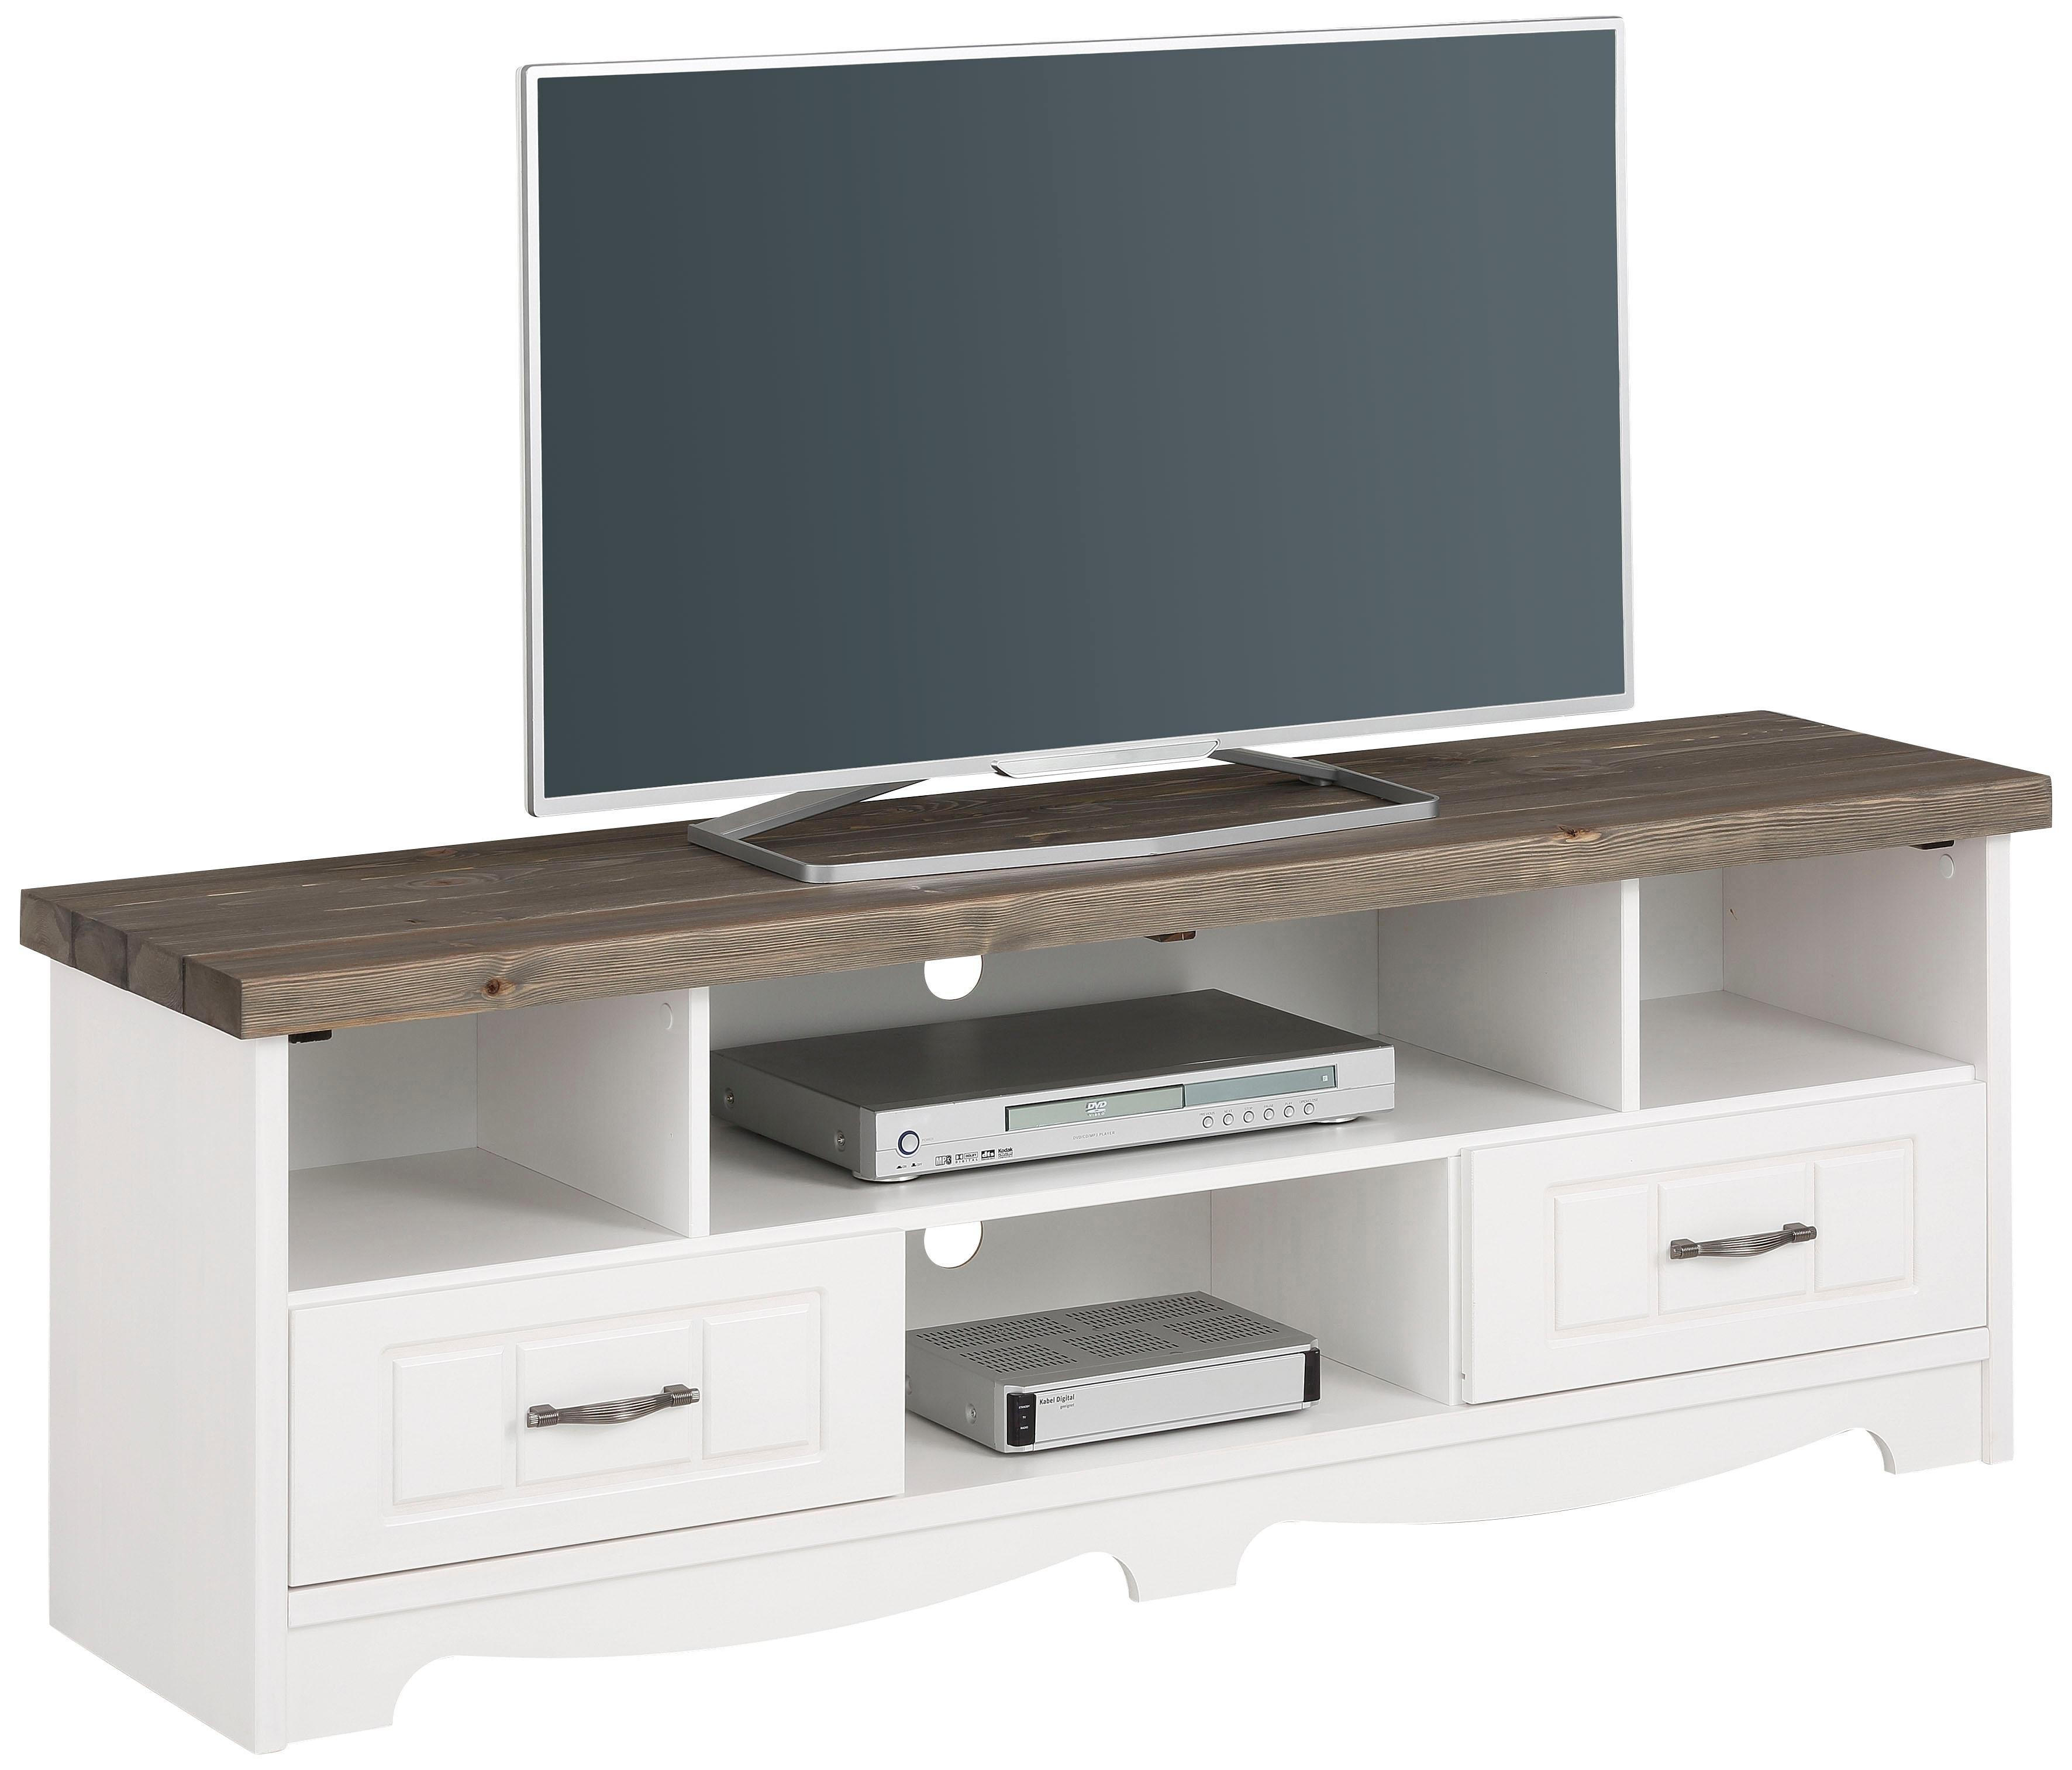 Home Affaire tv-meubel veilig op otto.nl kopen